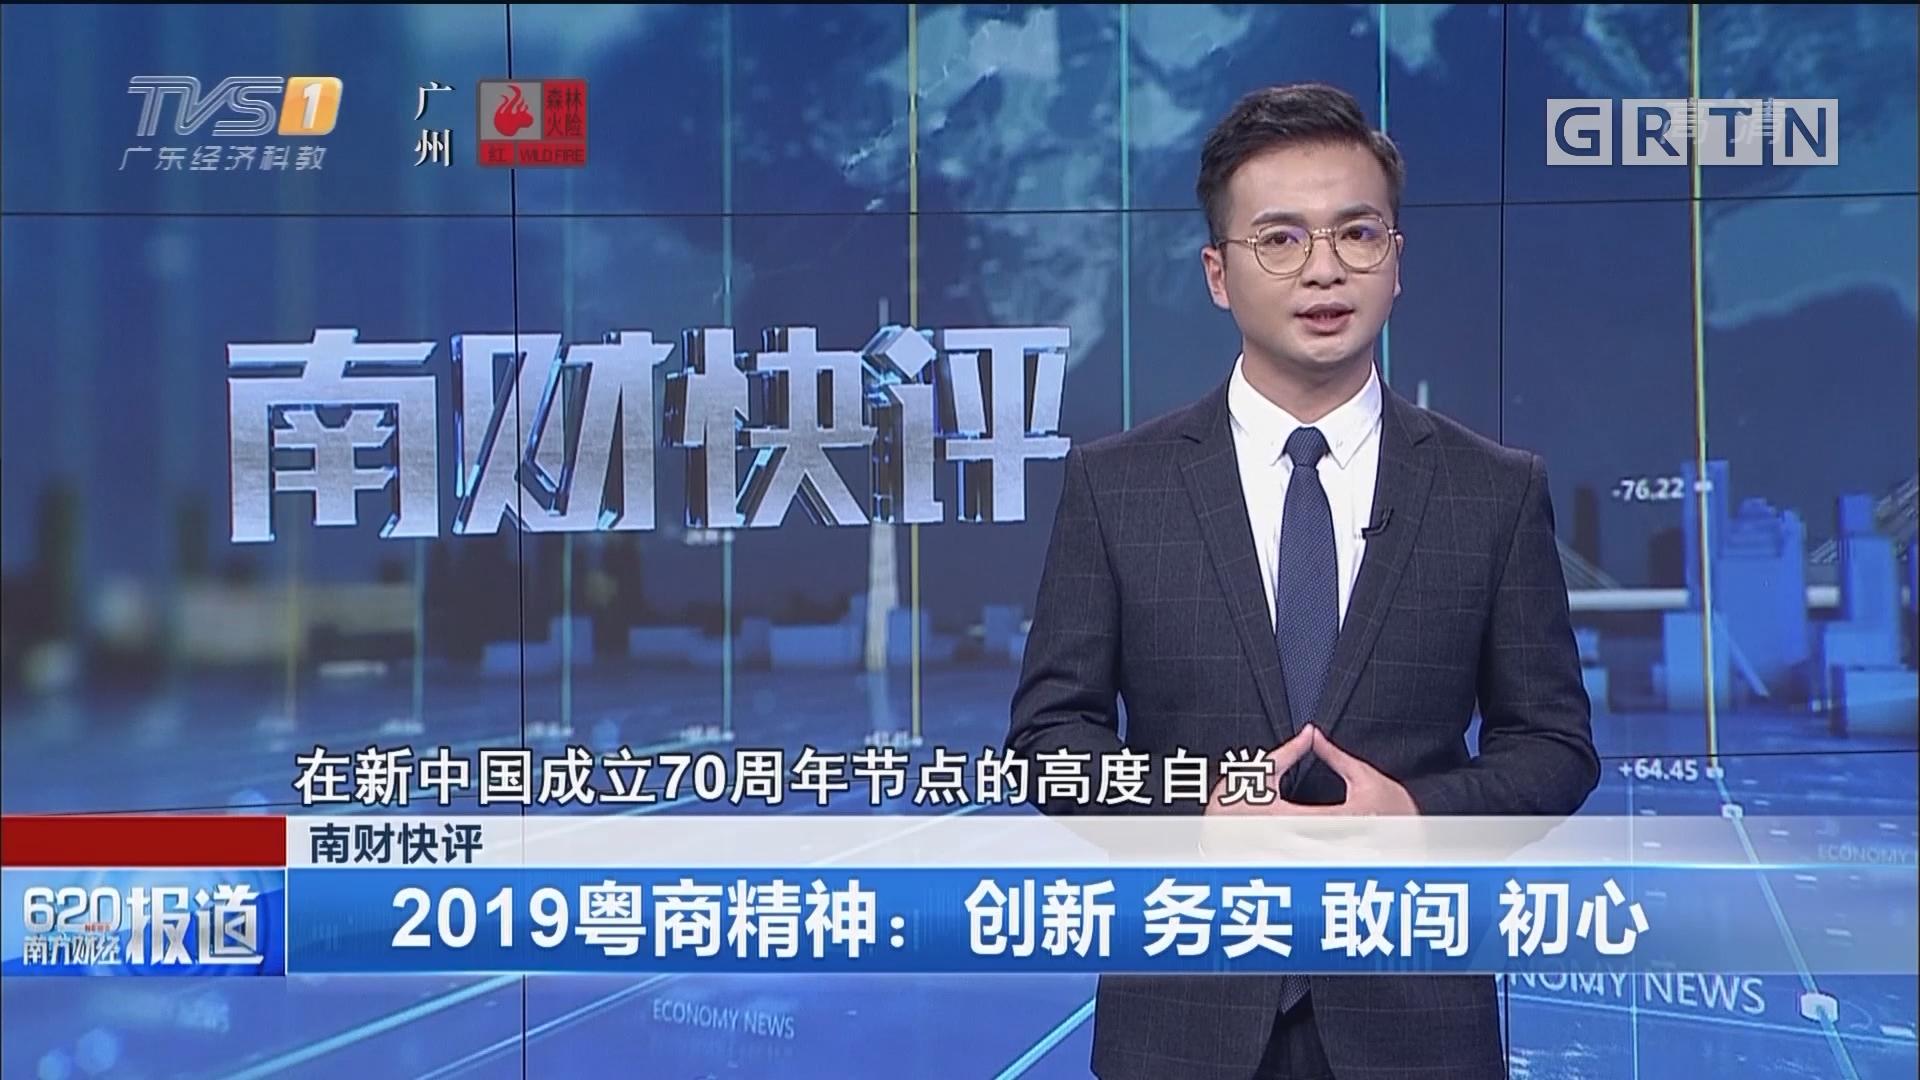 南财快评 2019粤商精神:创新 务实 敢闯 初心